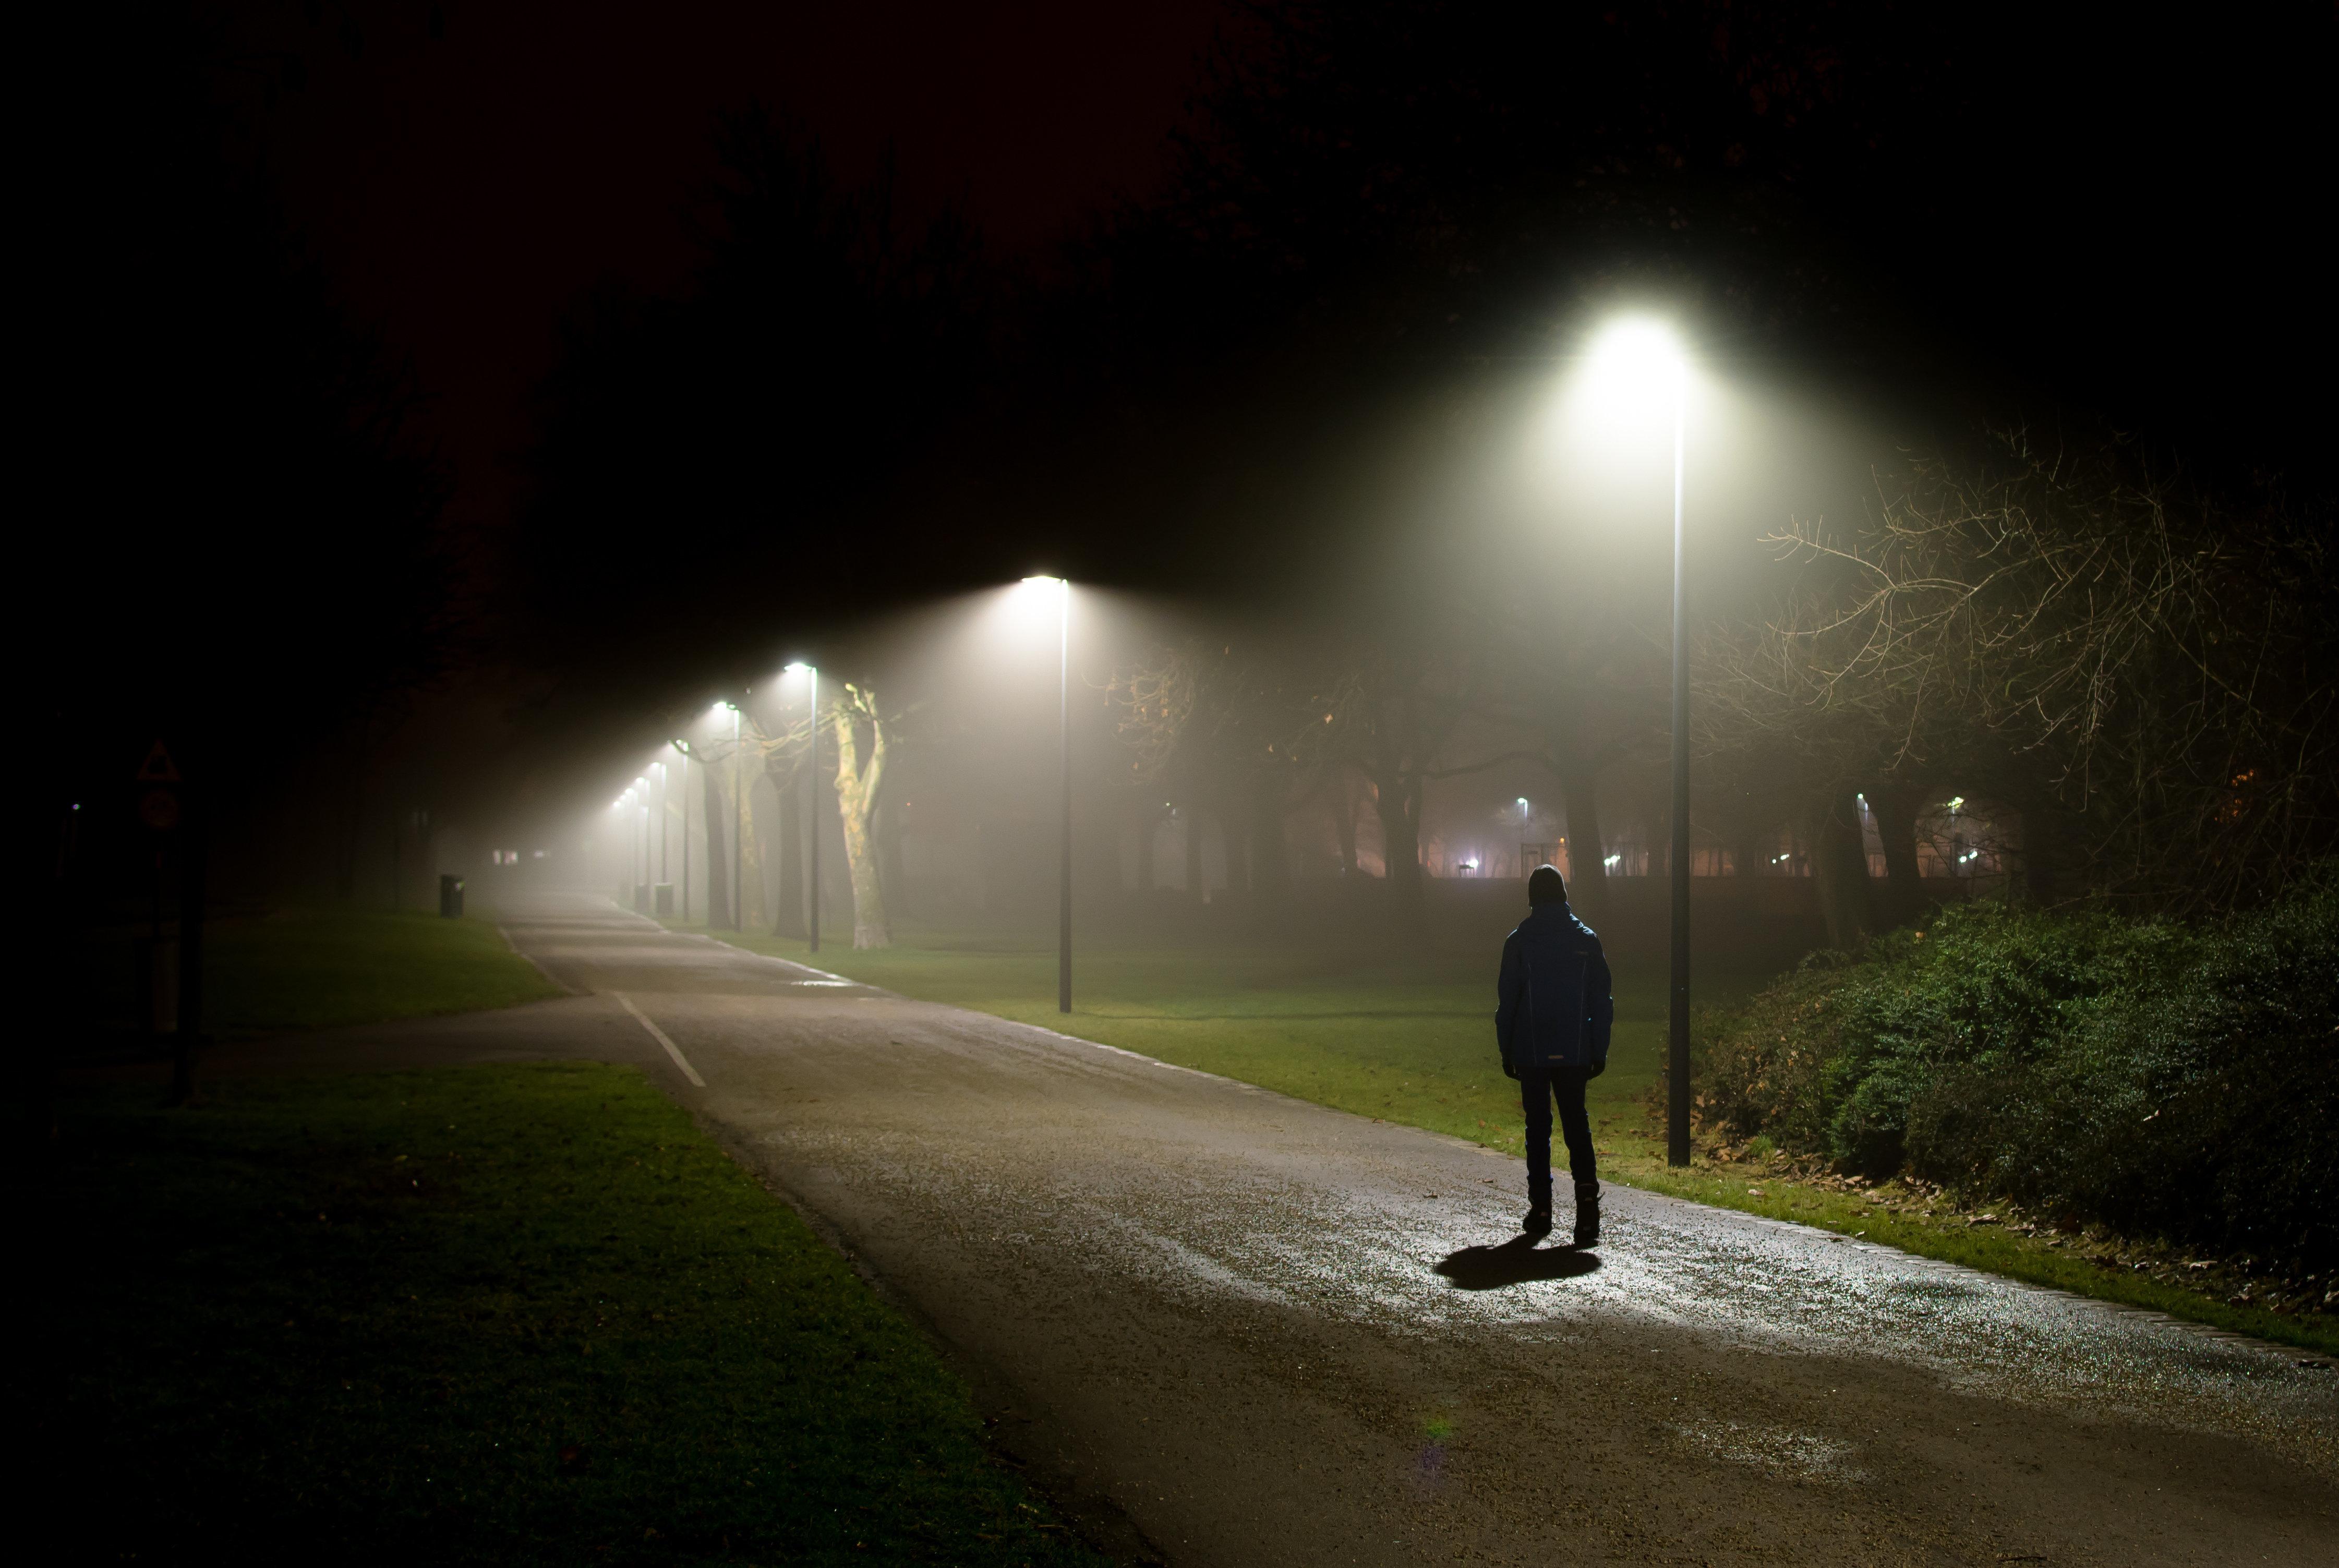 Mord an Karin Rieck: Seit 25 Jahren rätselt Deutschland über diesen